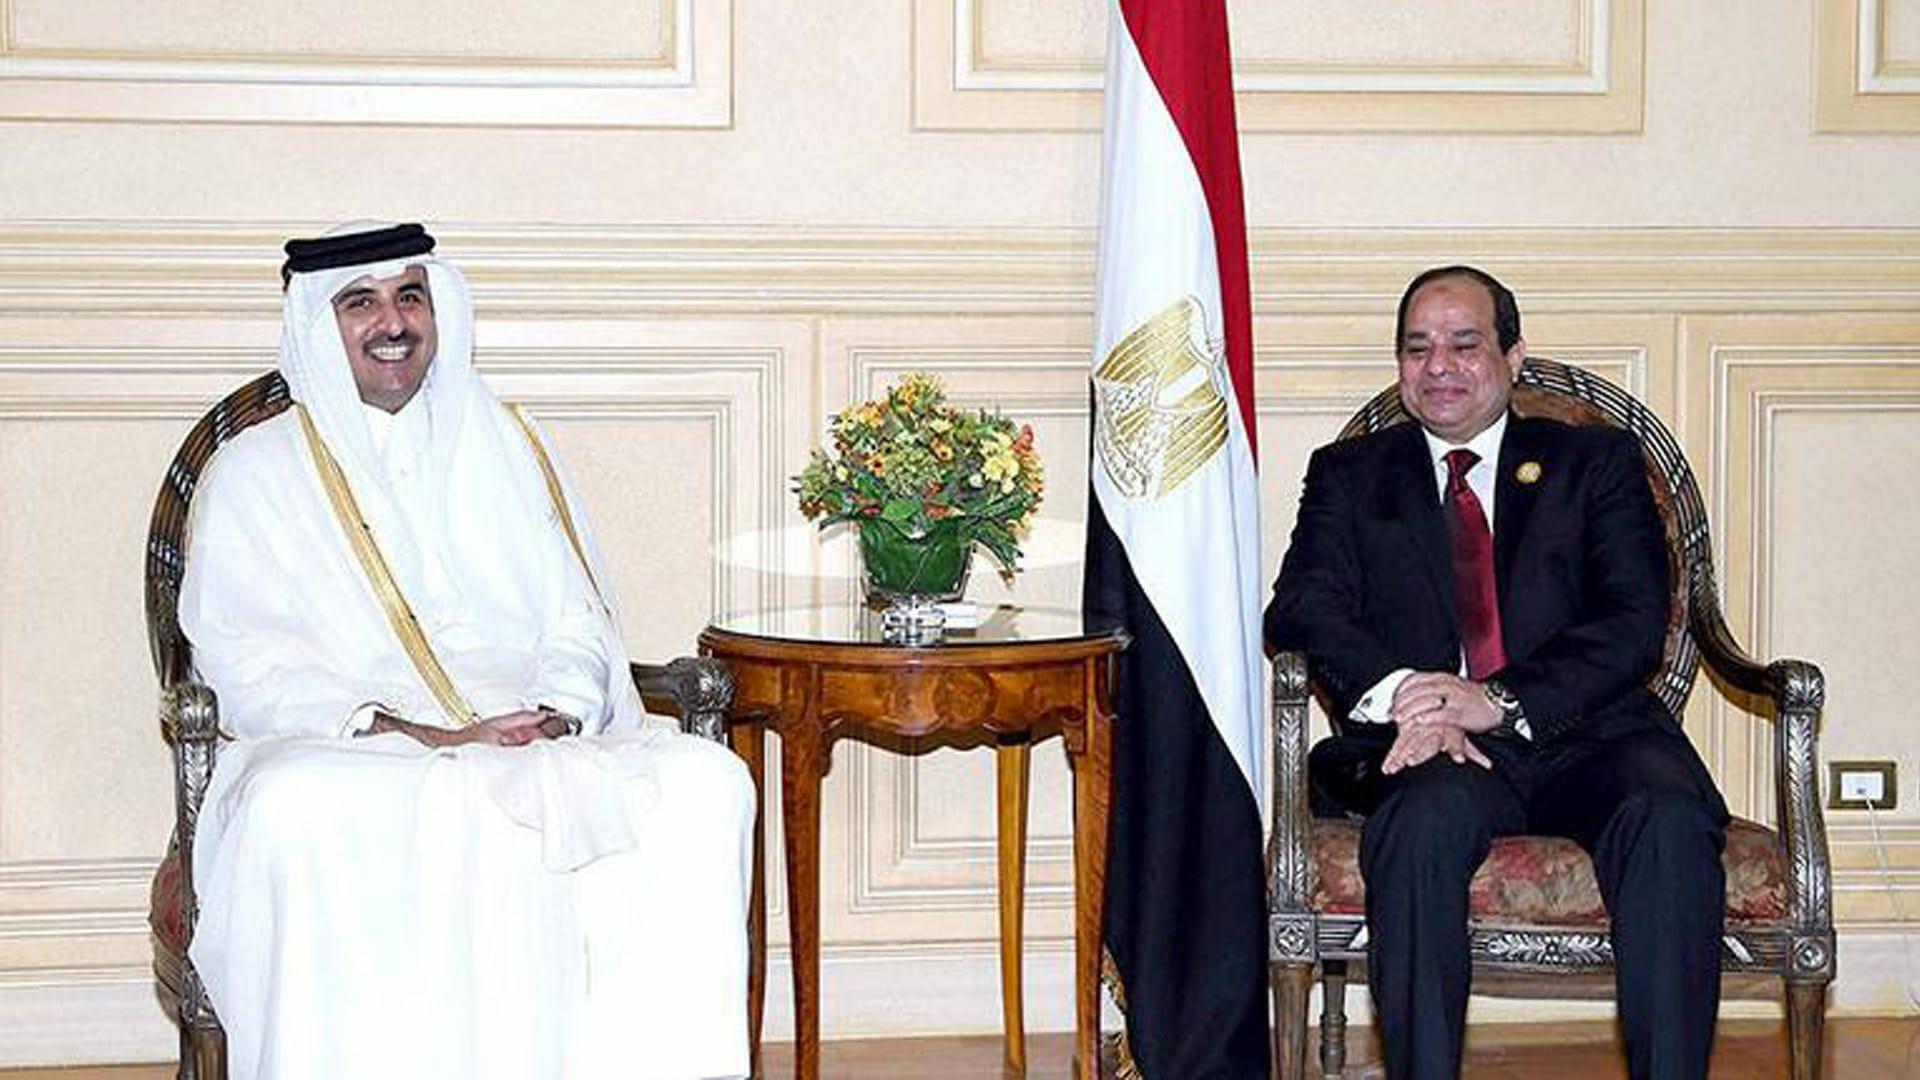 مندوبو السيسي يلتقون مسؤولين قطريين بالكويت